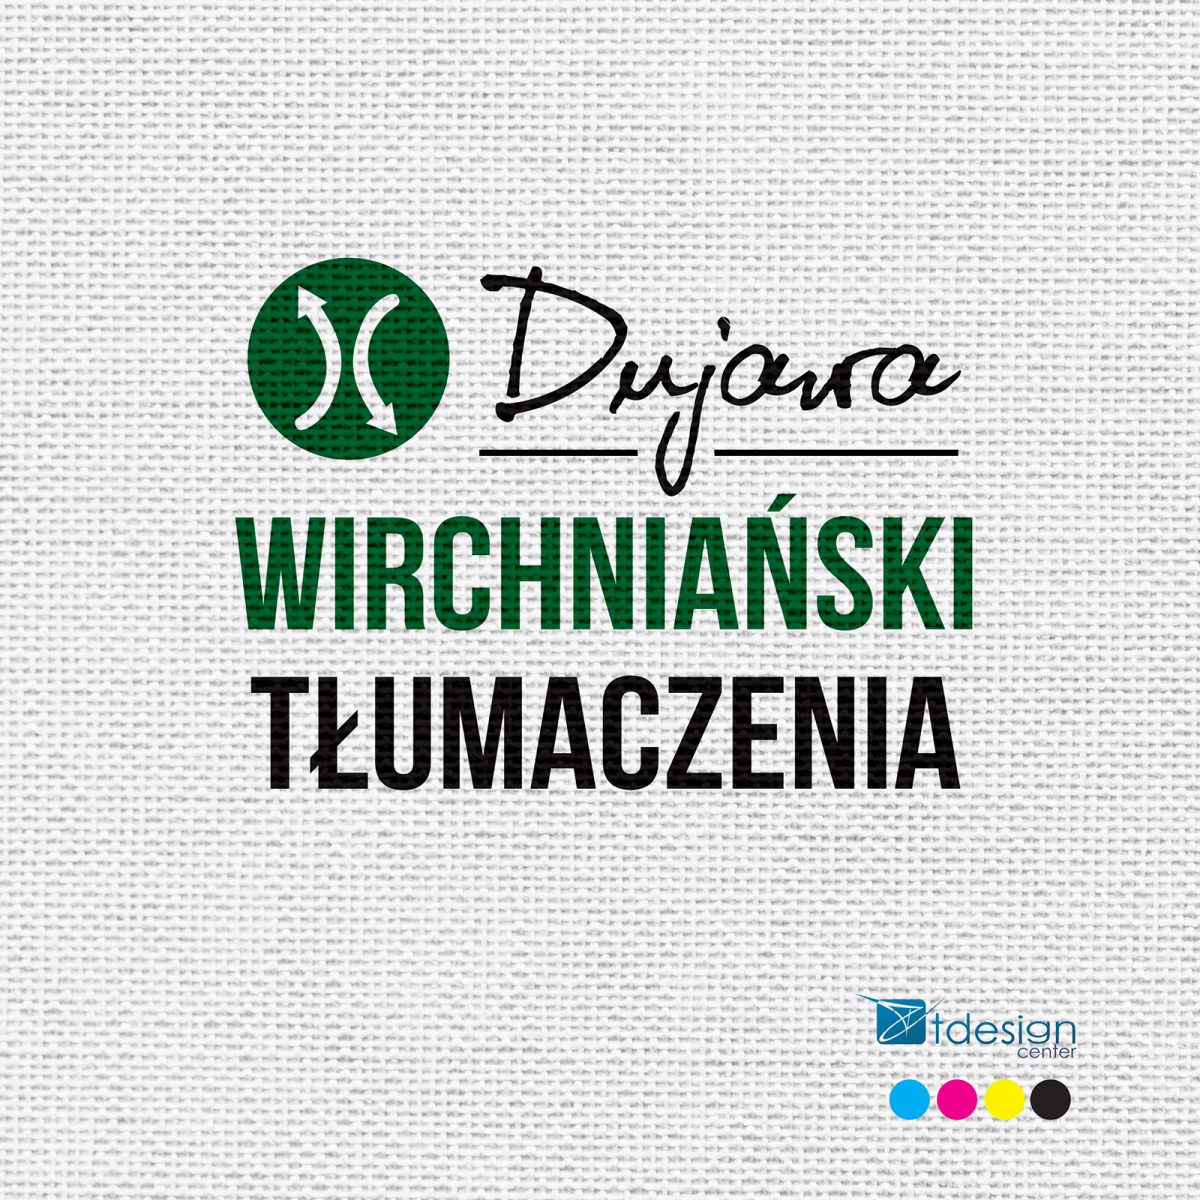 Logo wykonane dla firmy Dujawa WIRCHNIAŃSKI Tłumaczenia